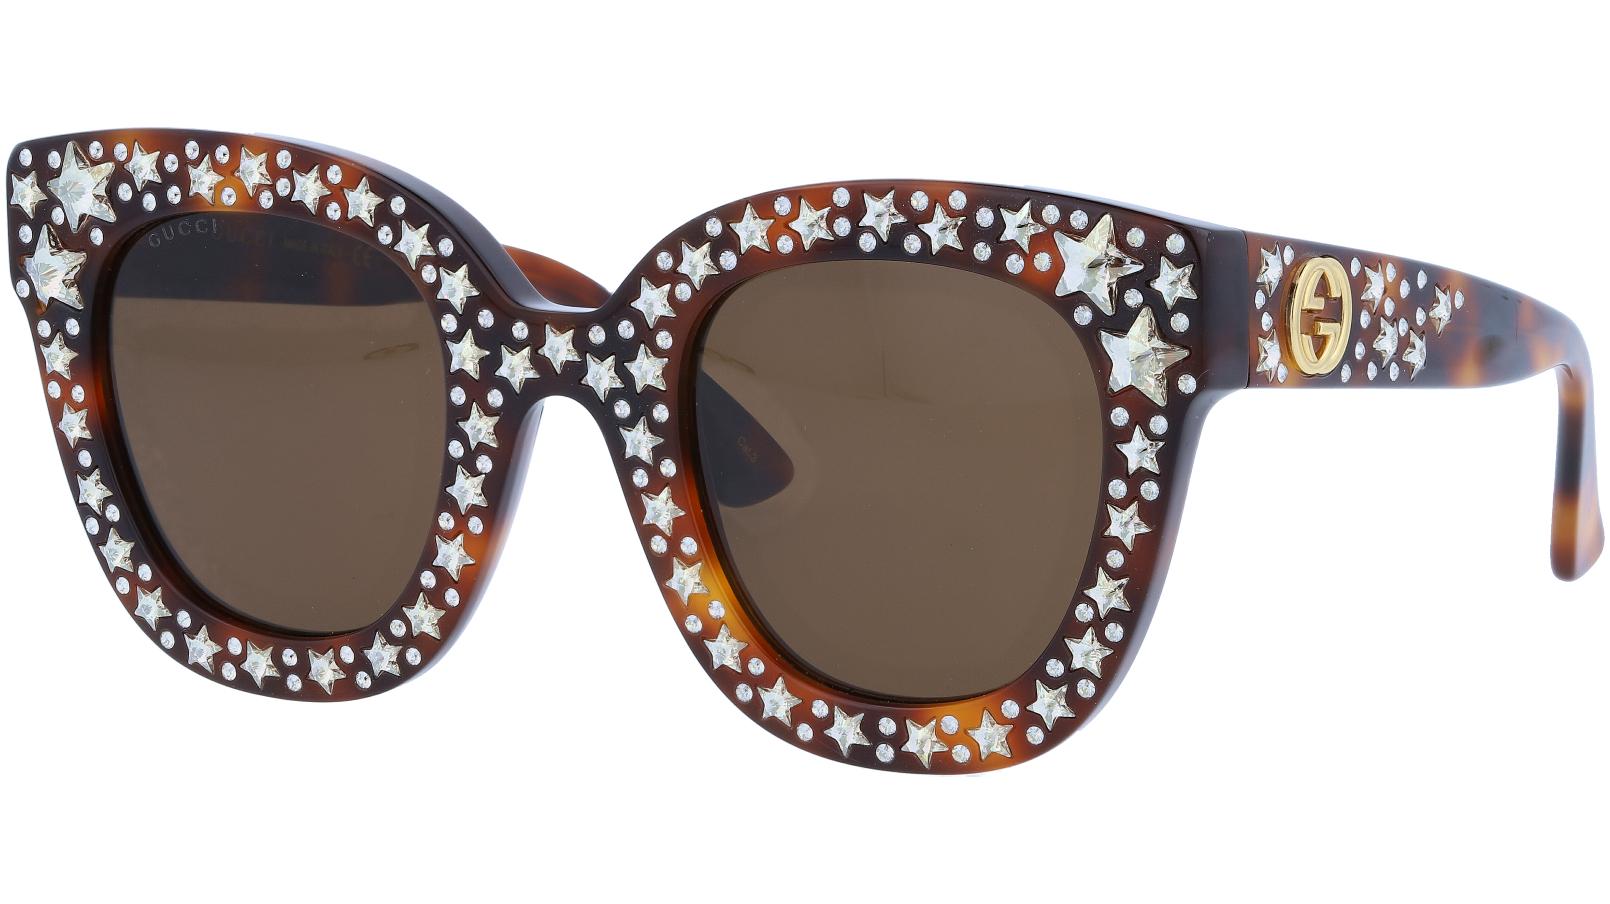 GUCCI GG0116S 003 49 AVANA Sunglasses